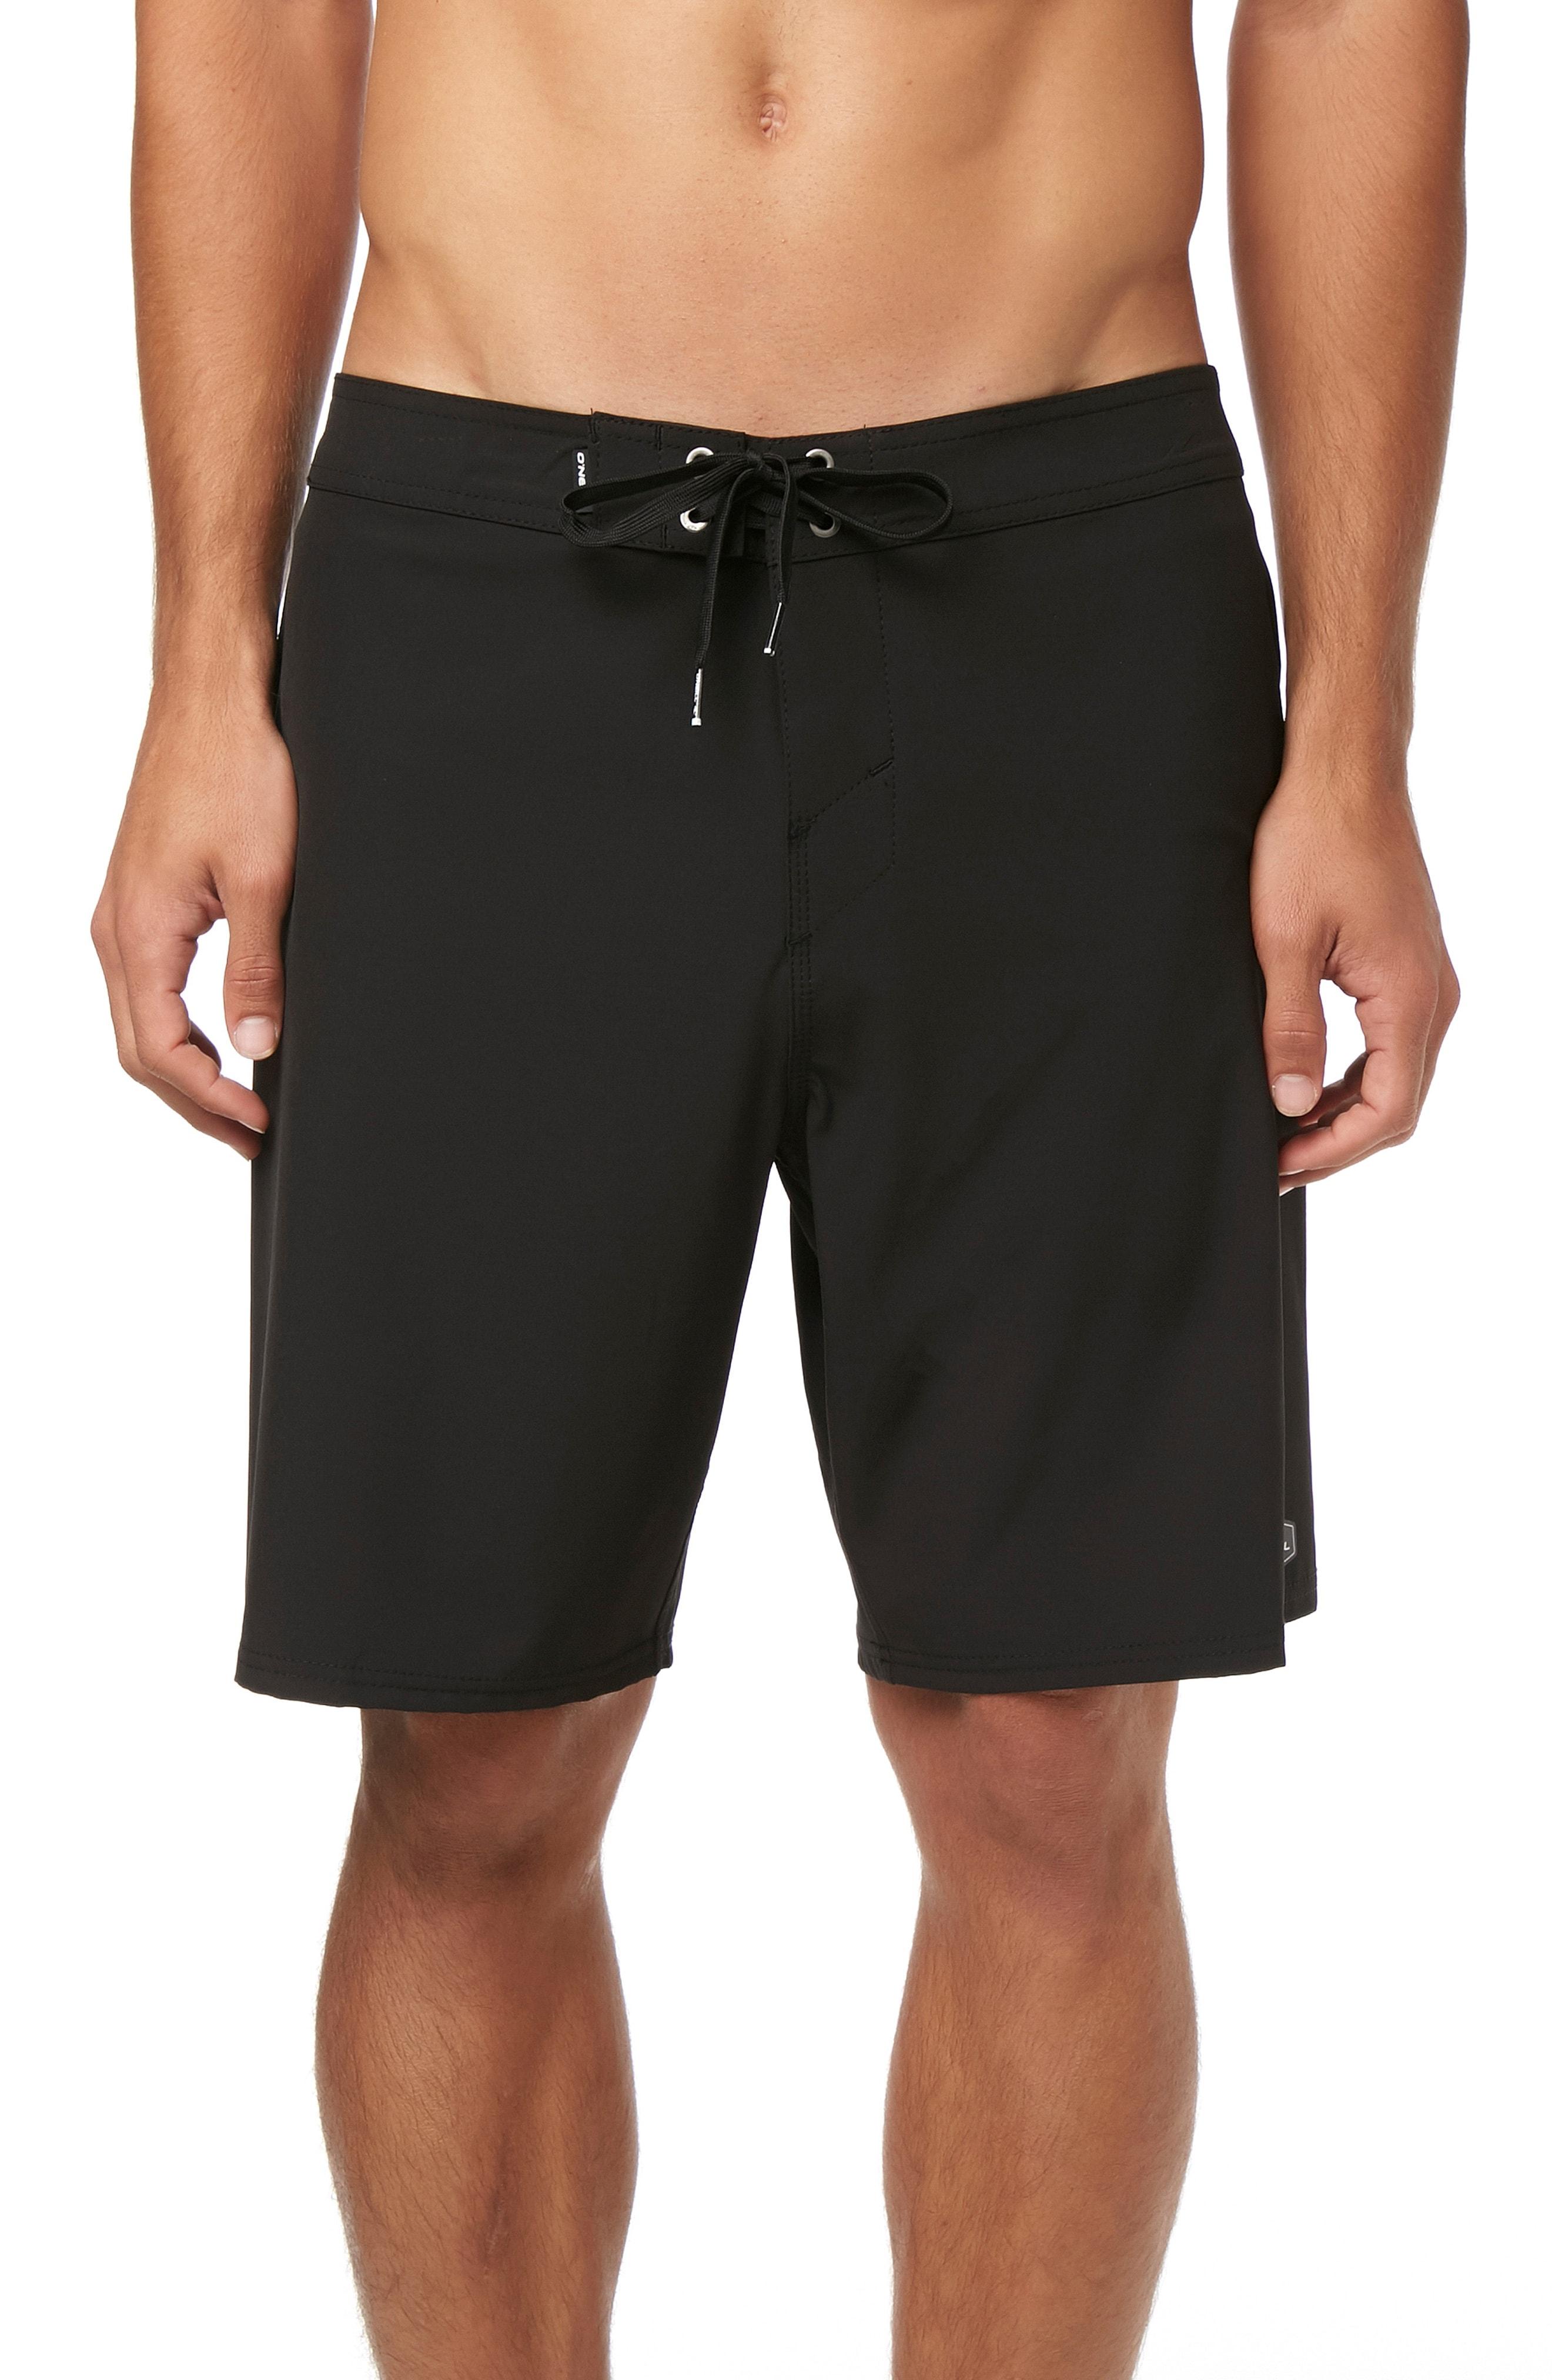 Men's Board Shorts Swimwear: Board Shorts & Swim Trunks   Nordstrom